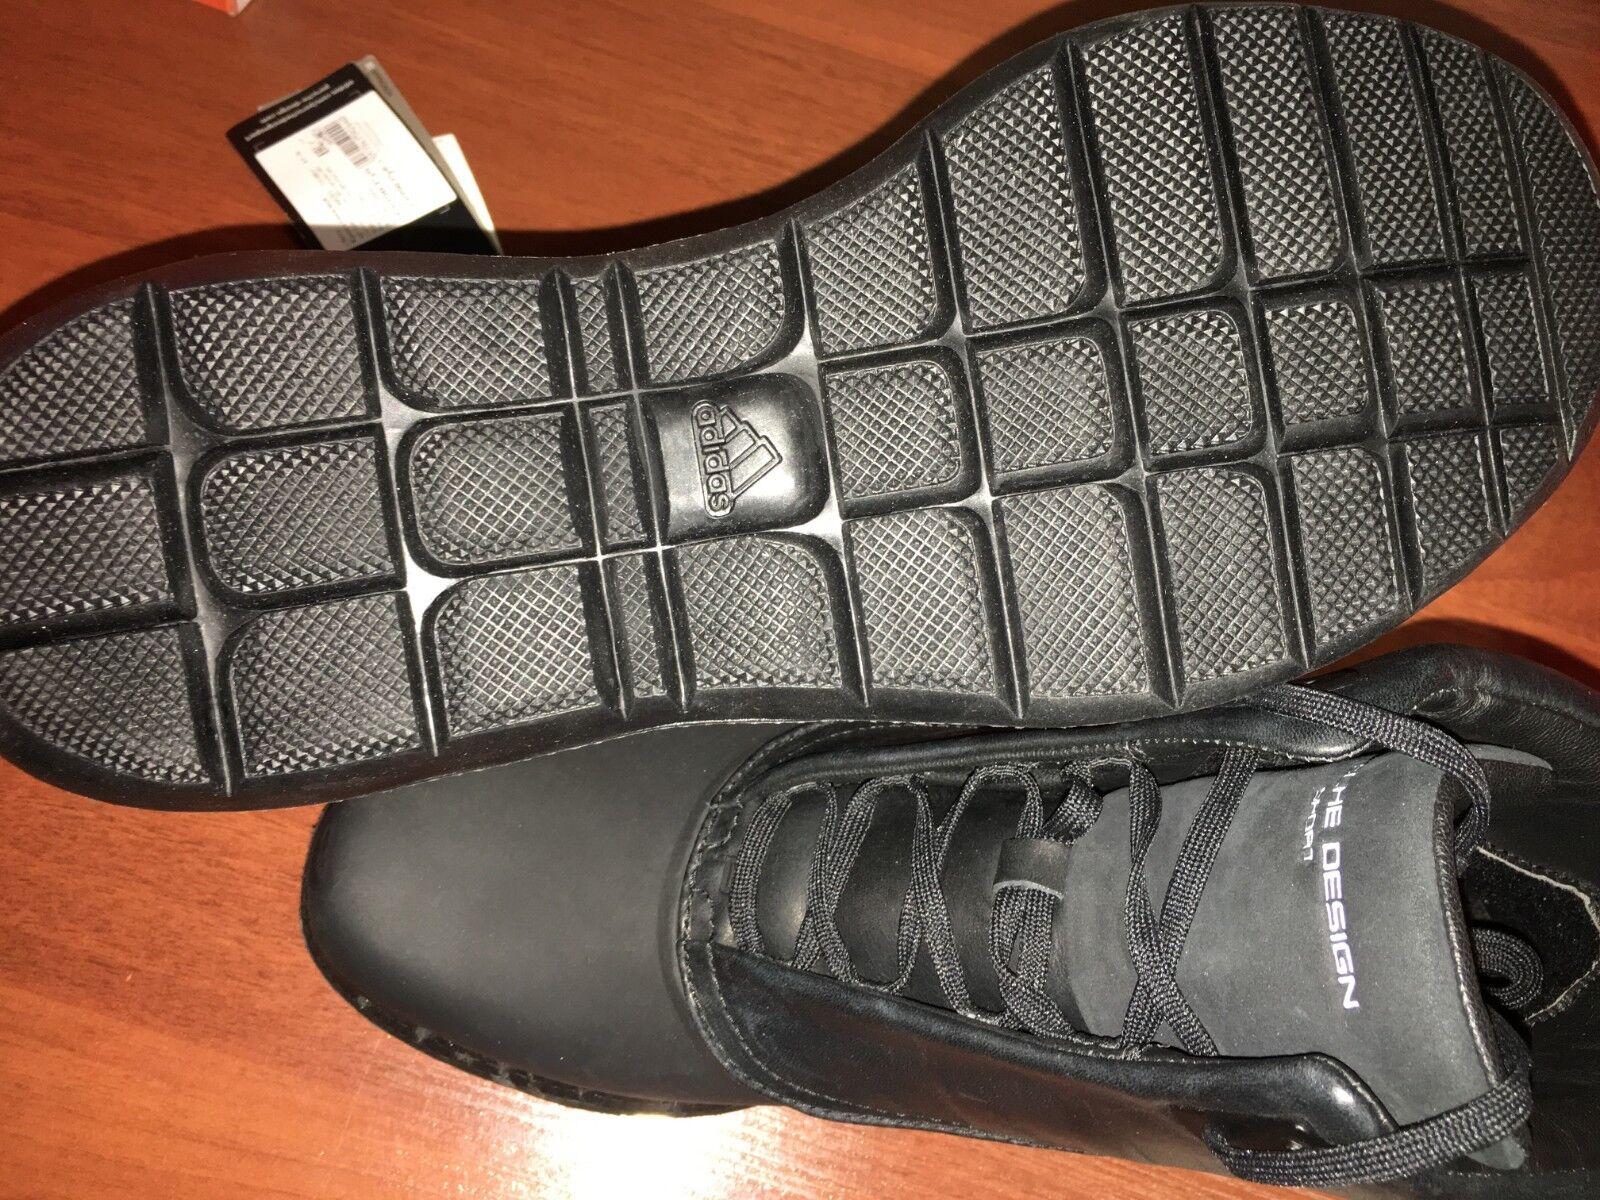 Adidas Porsche Design Snow Easy Winter stivali G60203 G60203 G60203 Leather scarpe Sport Rare 3de5cd